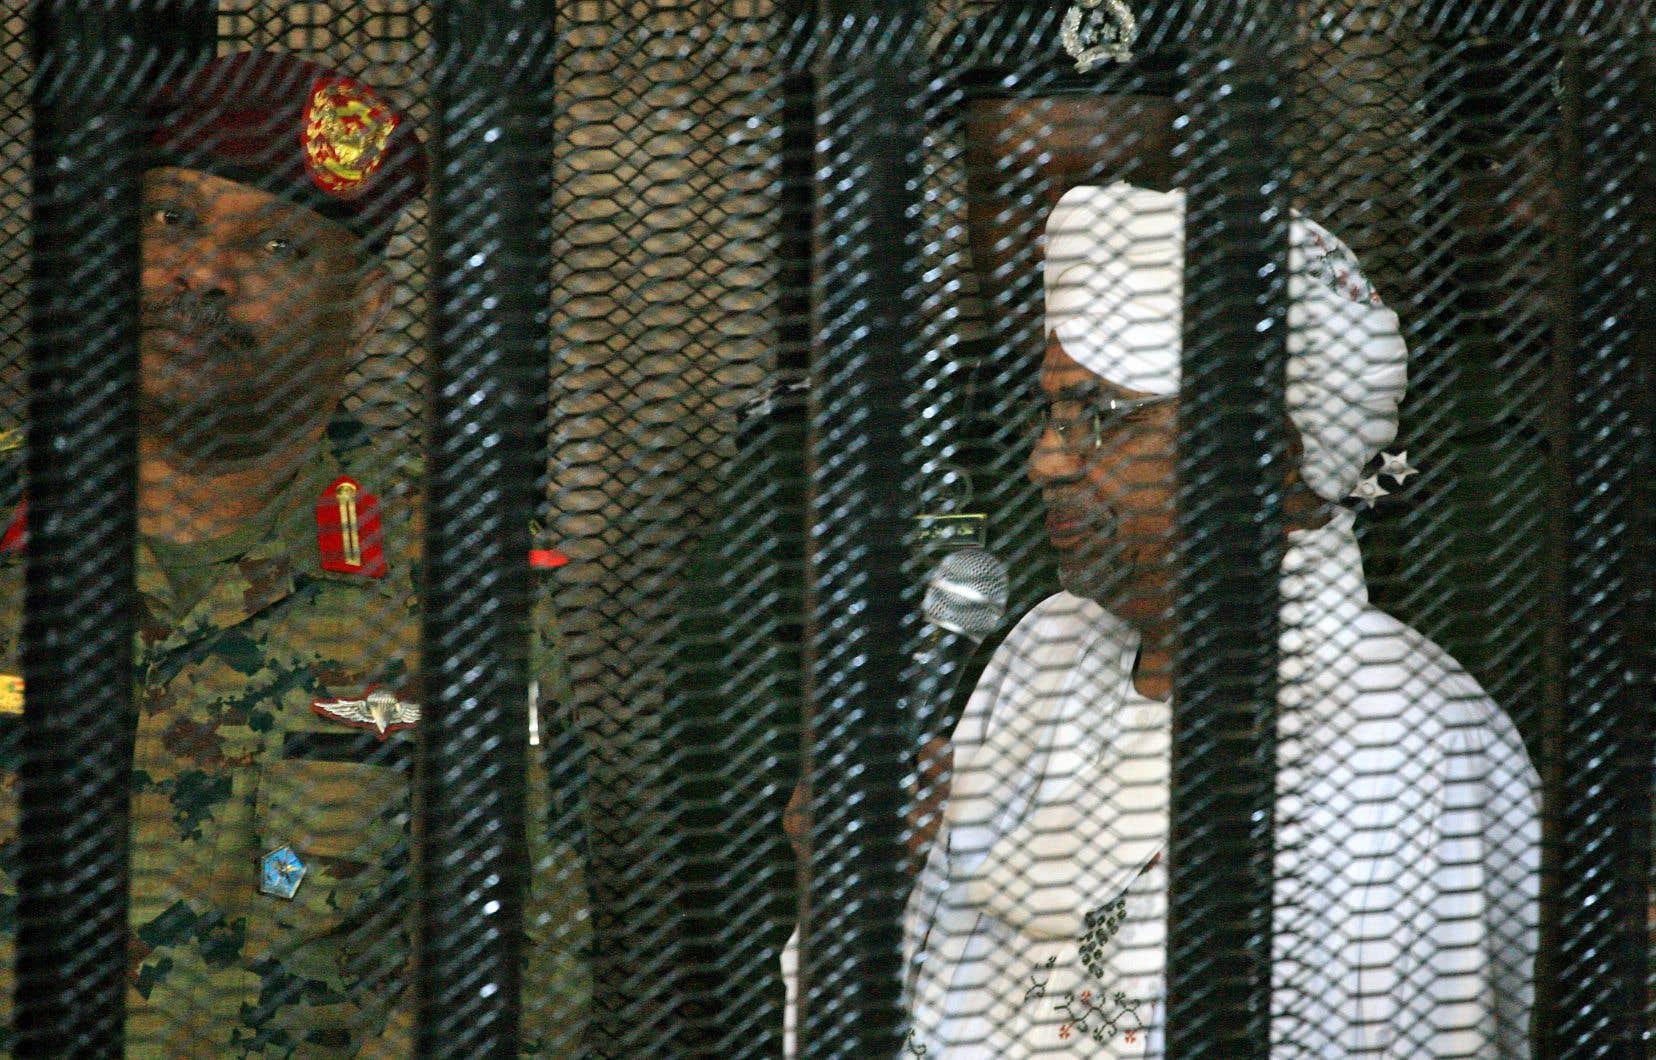 Incarcéré depuis sa destitution par l'armée en avril 2019, Omar el-Béchir est recherché depuis 2009 par la Cour pénale internationale pour «génocide», «crimes de guerre» et «crimes contre l'humanité» au Darfour.